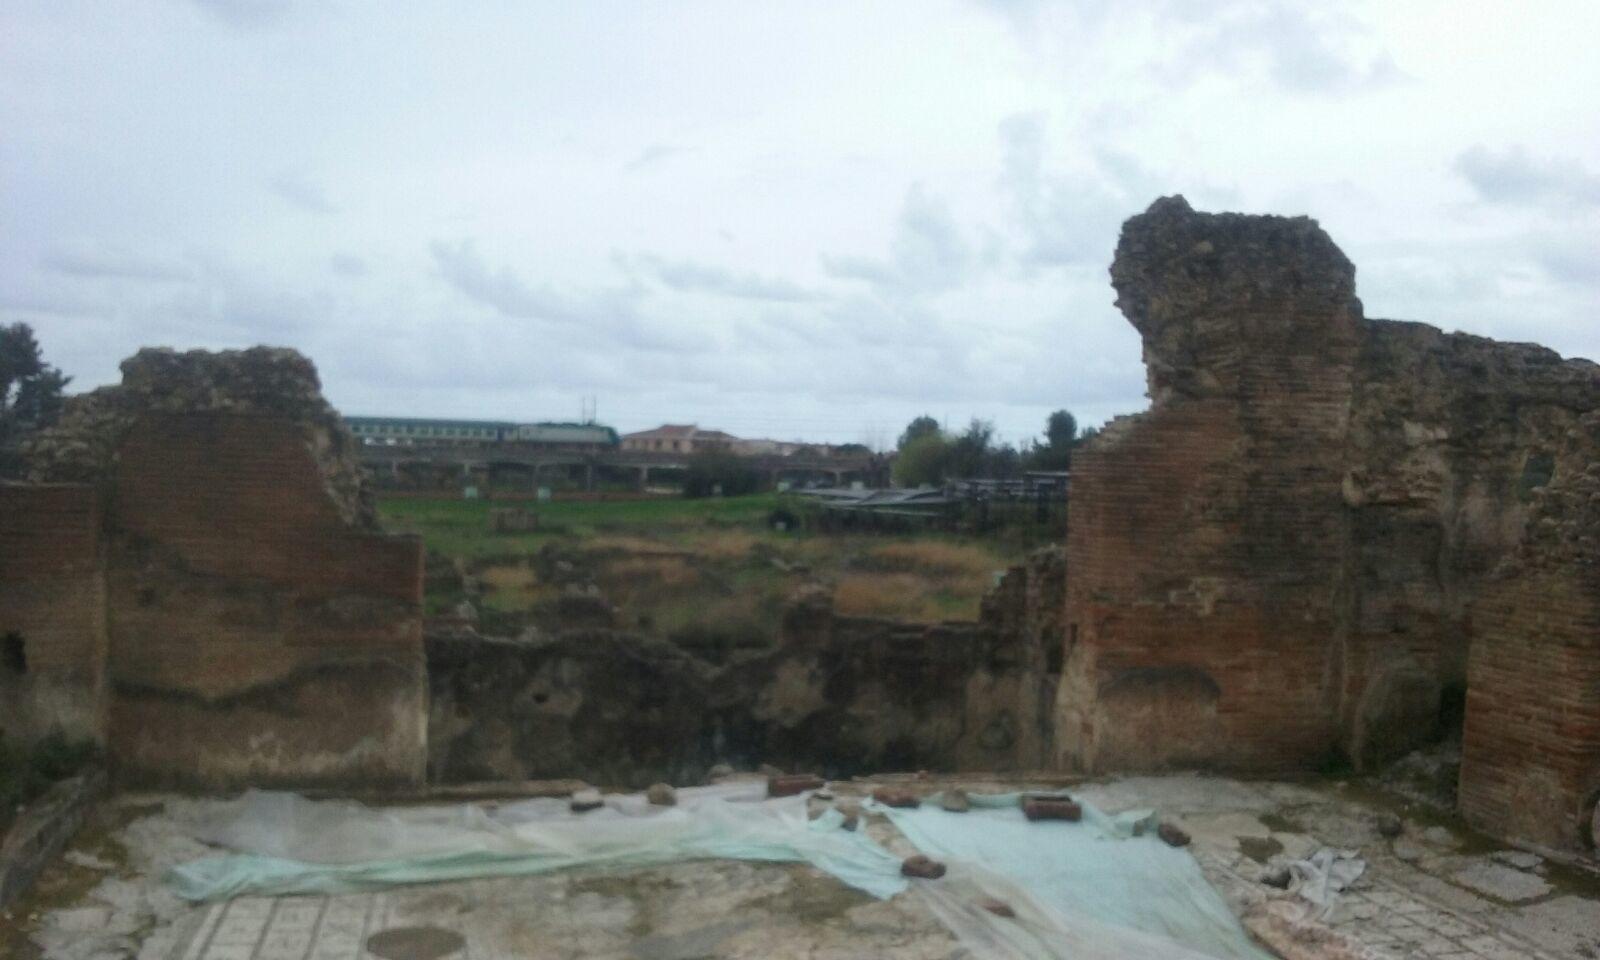 Maltempo, disagi anche nell'area archeologica di Velia